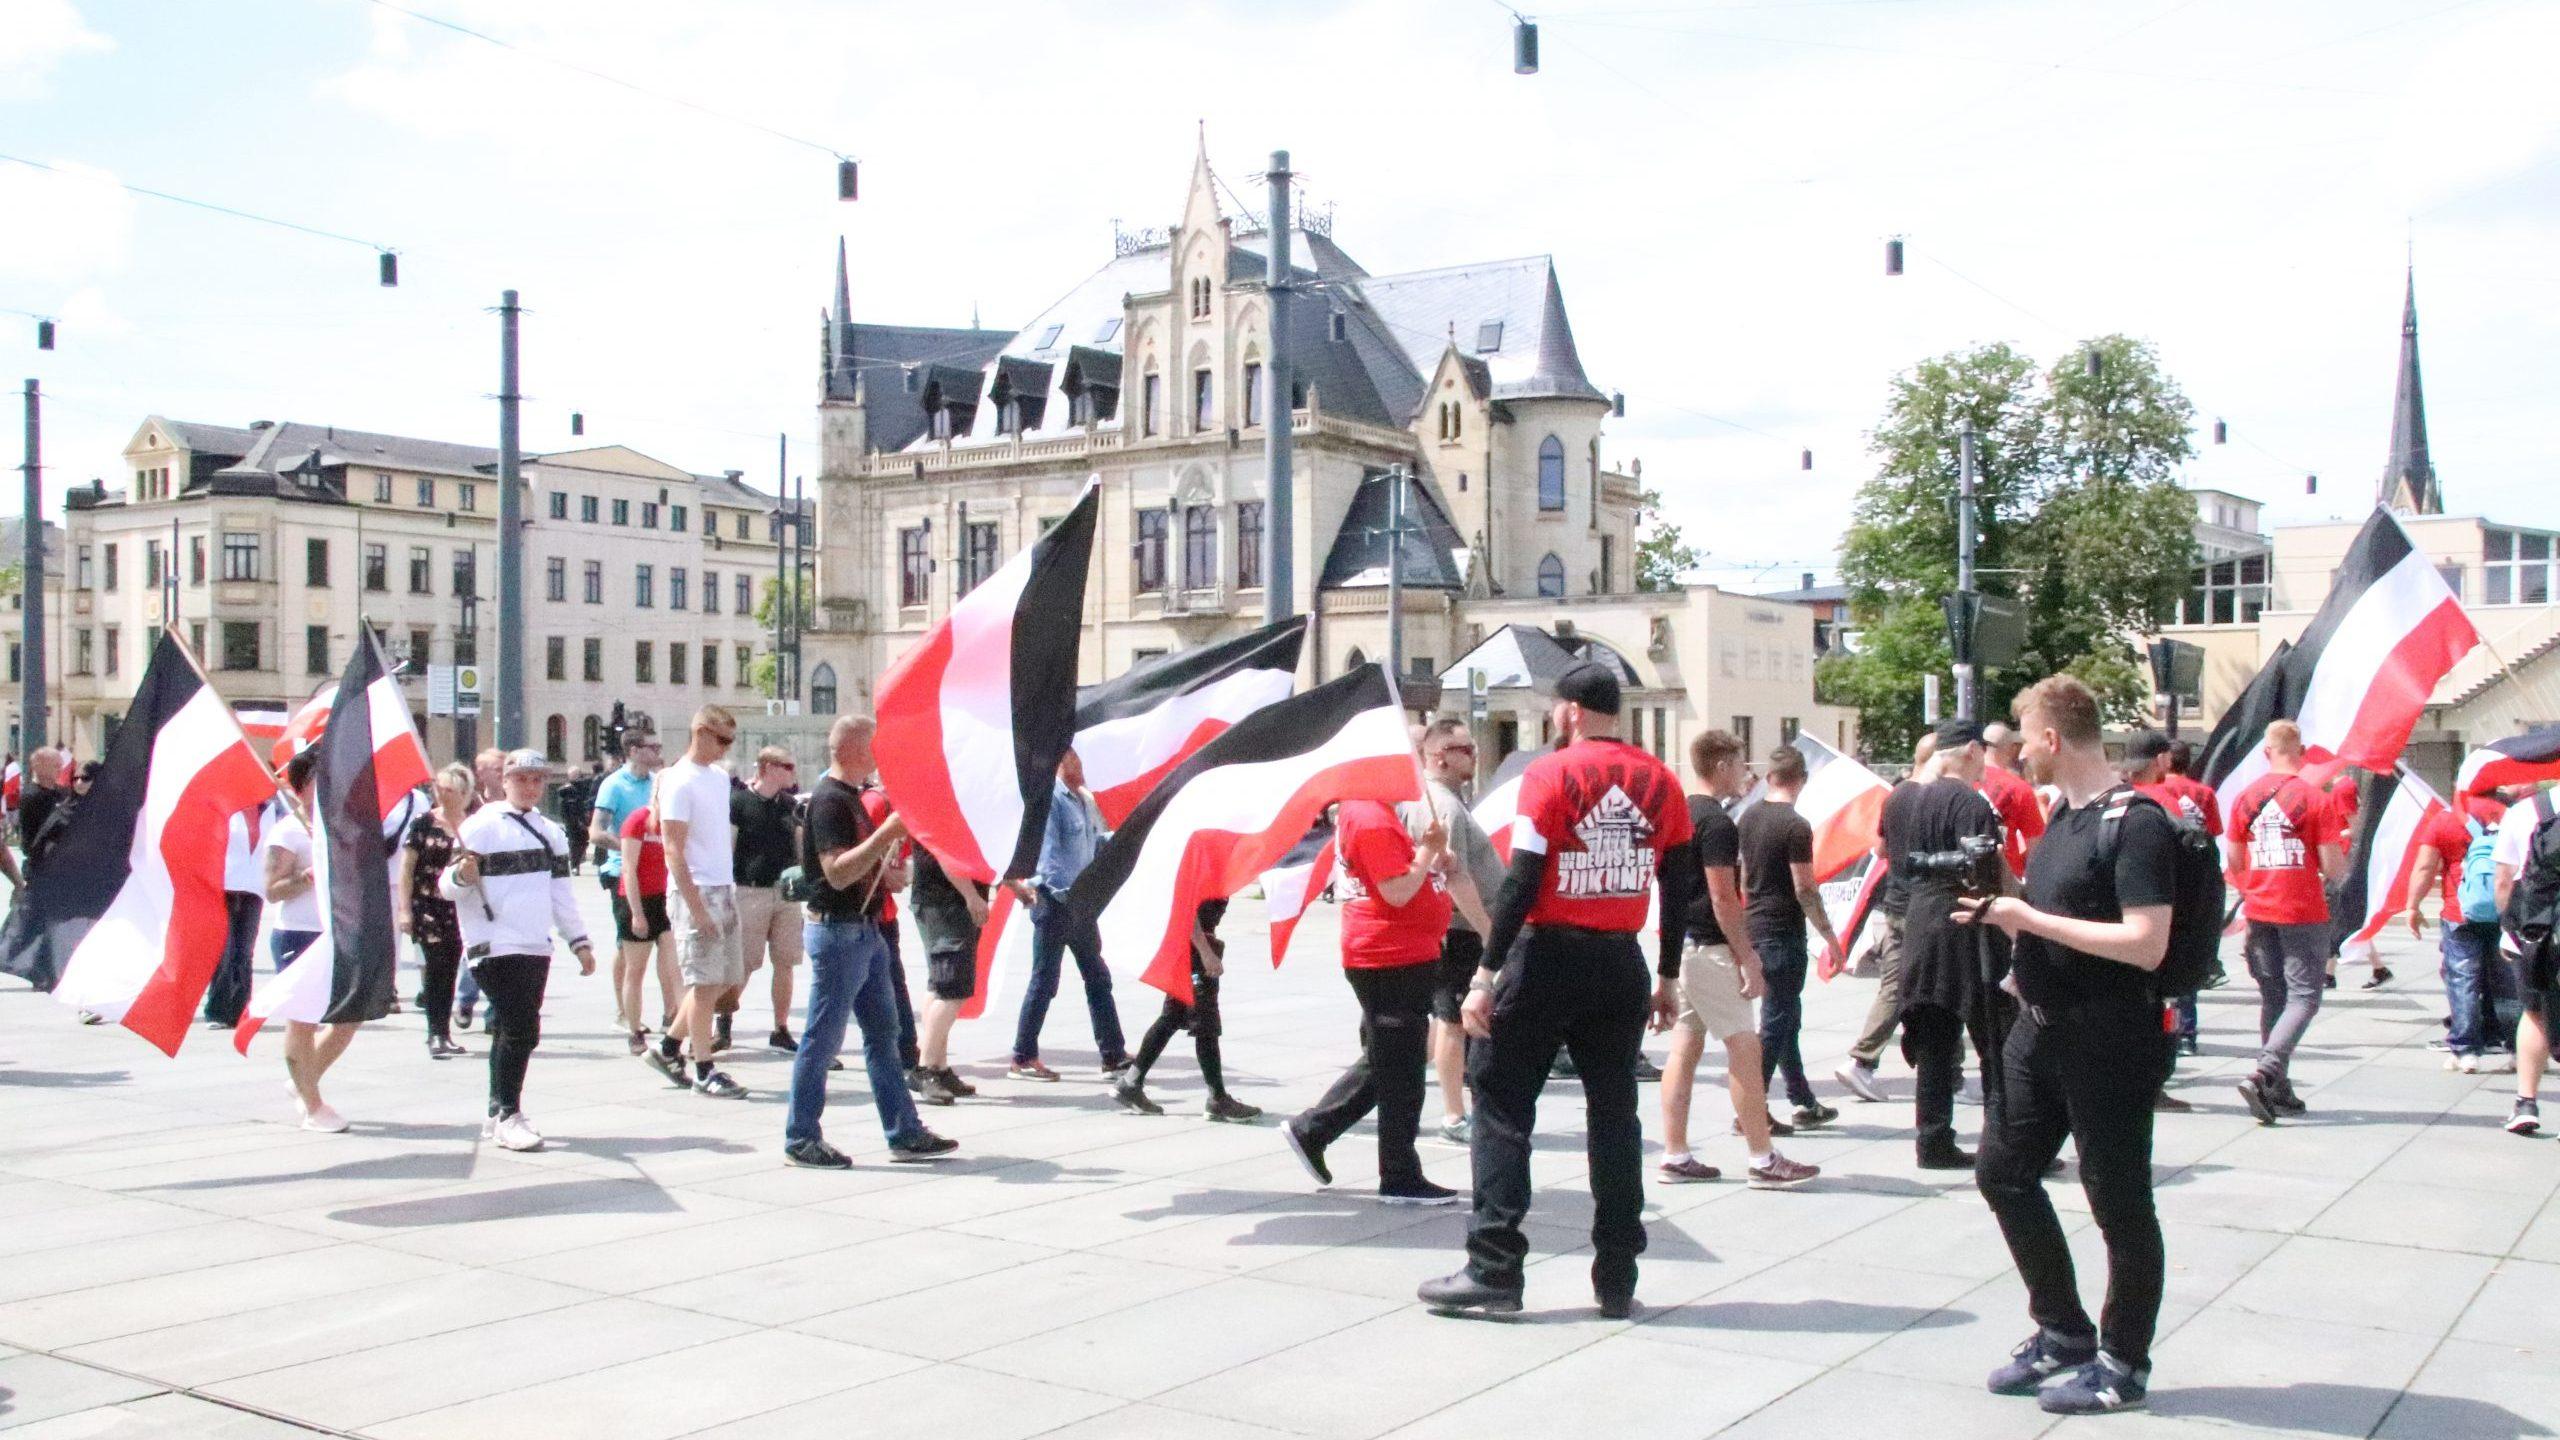 2019-06-01 Chemnitz TddZ 2 (197)